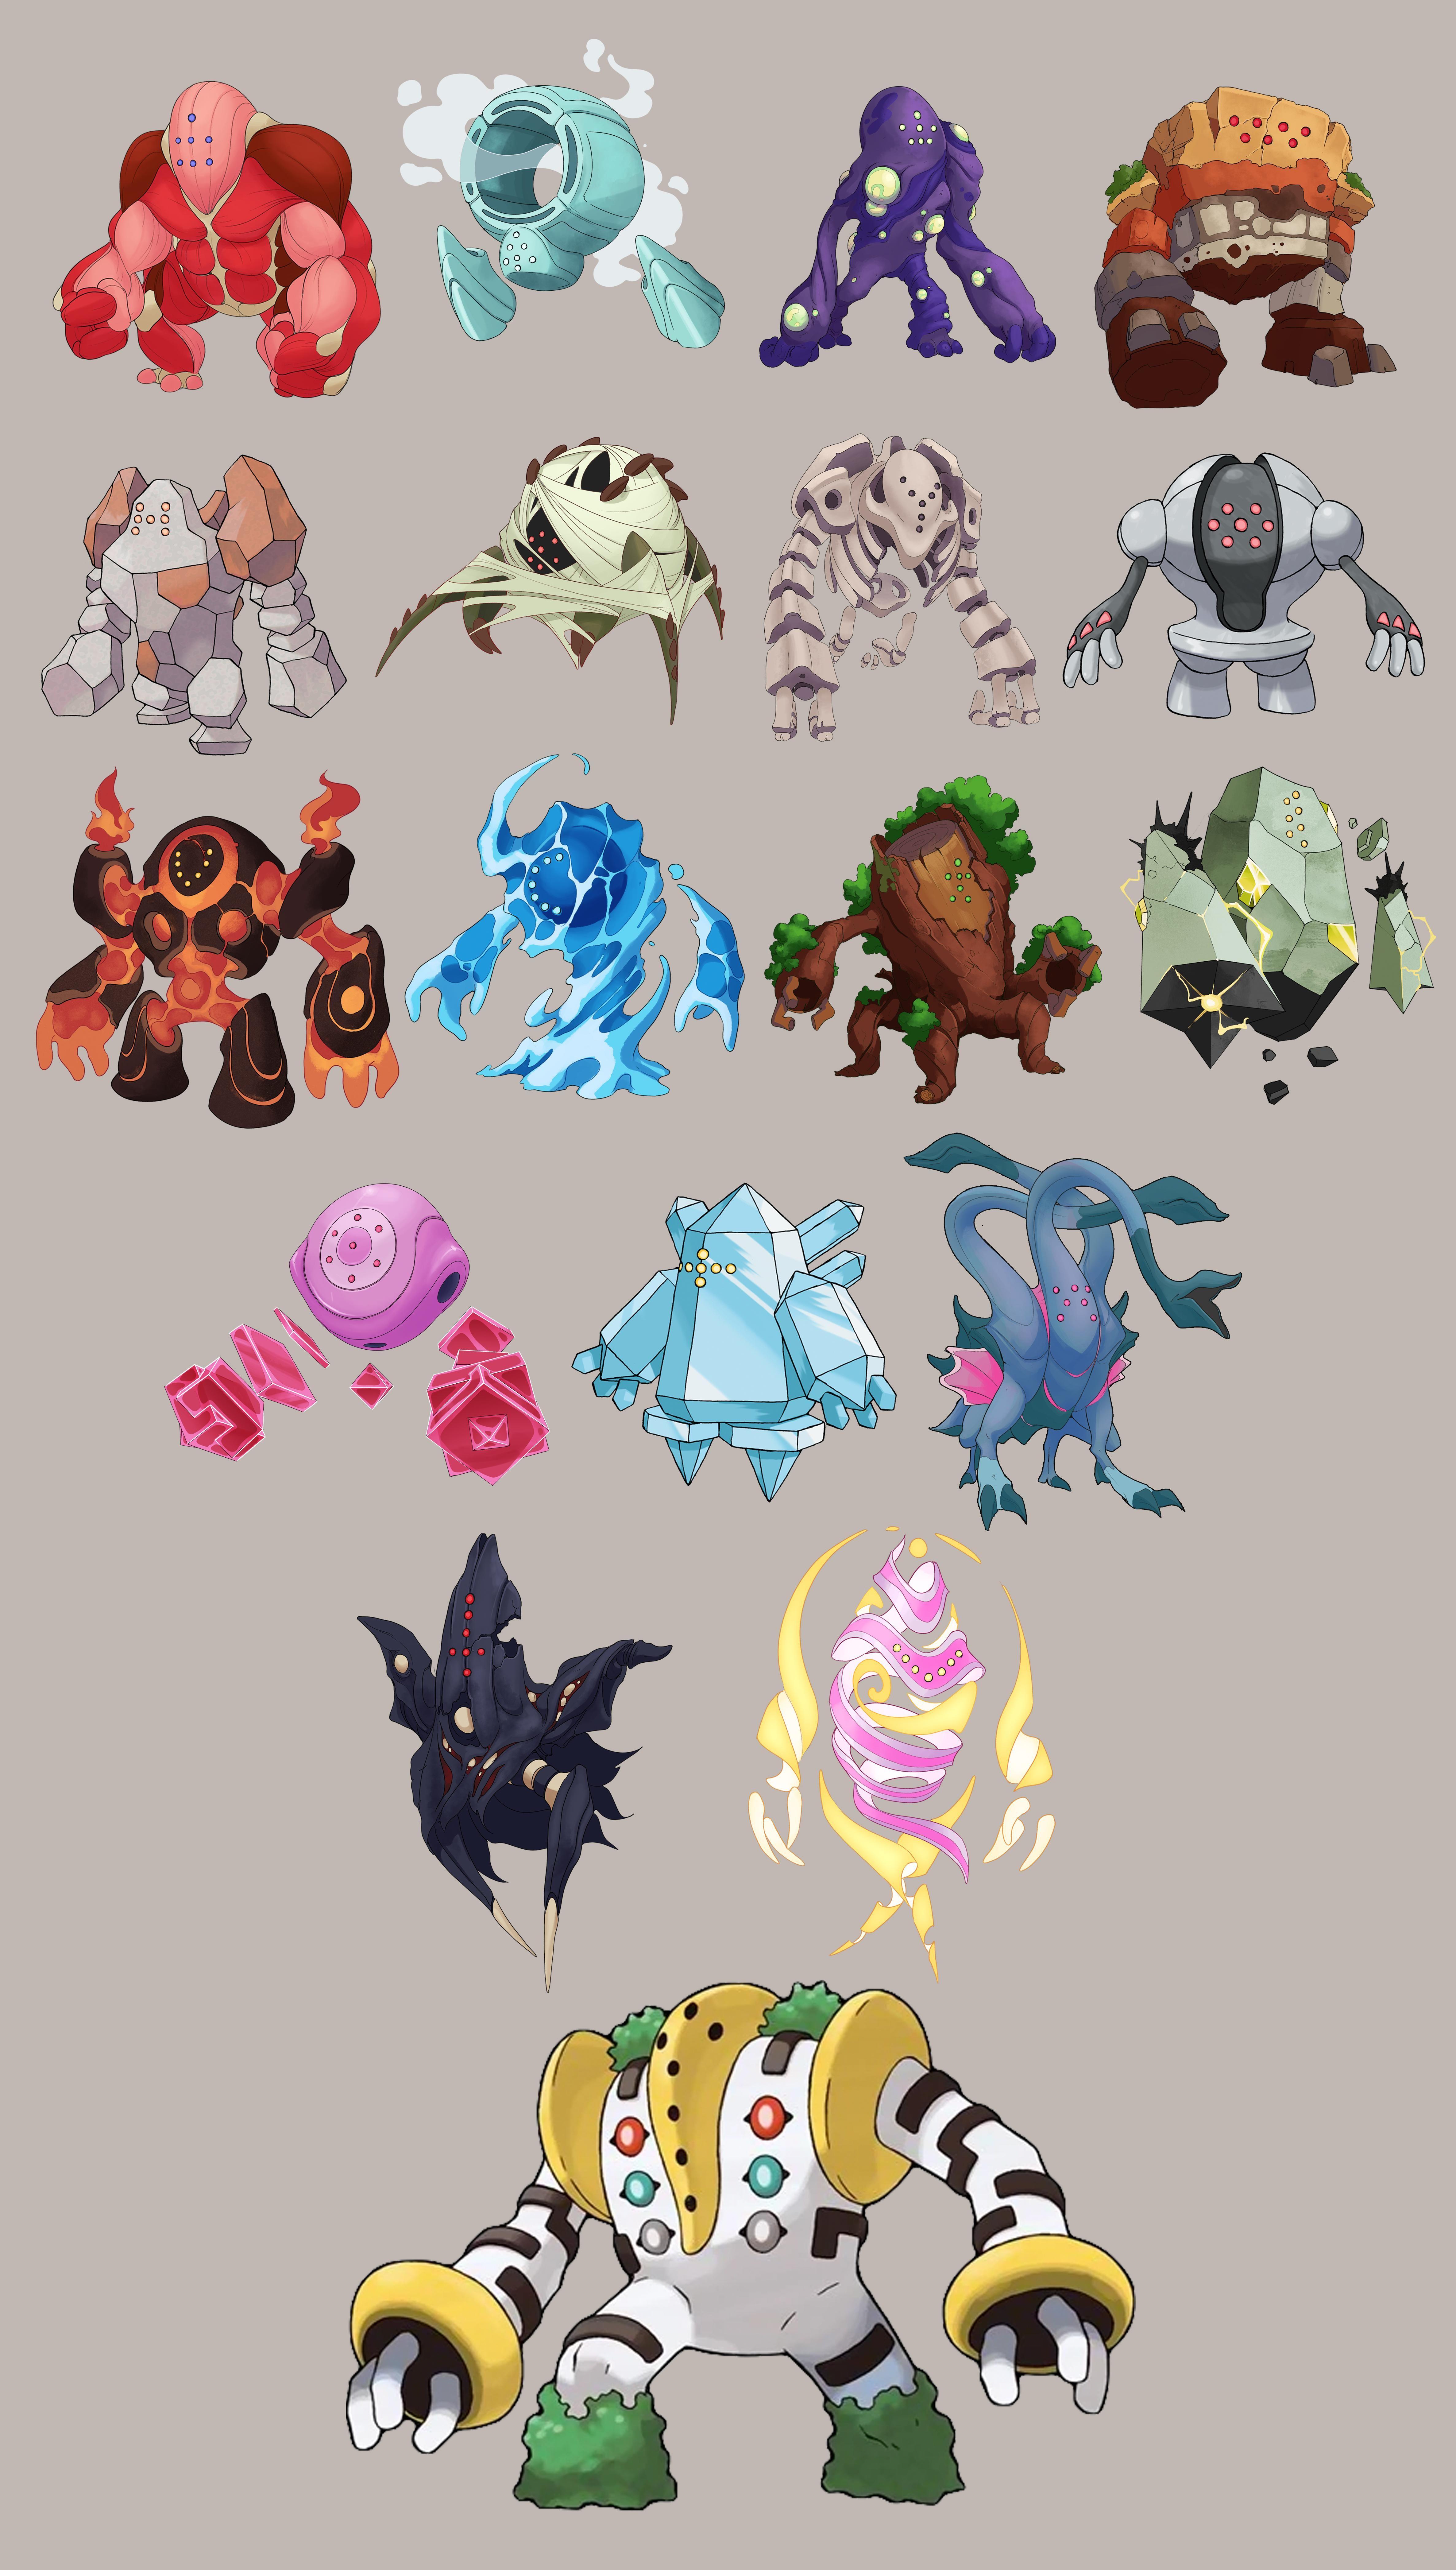 Regi Elemental Family Pokemon Don T Own Pokemon Breeds Pokemon Pictures Pokemon Eevee